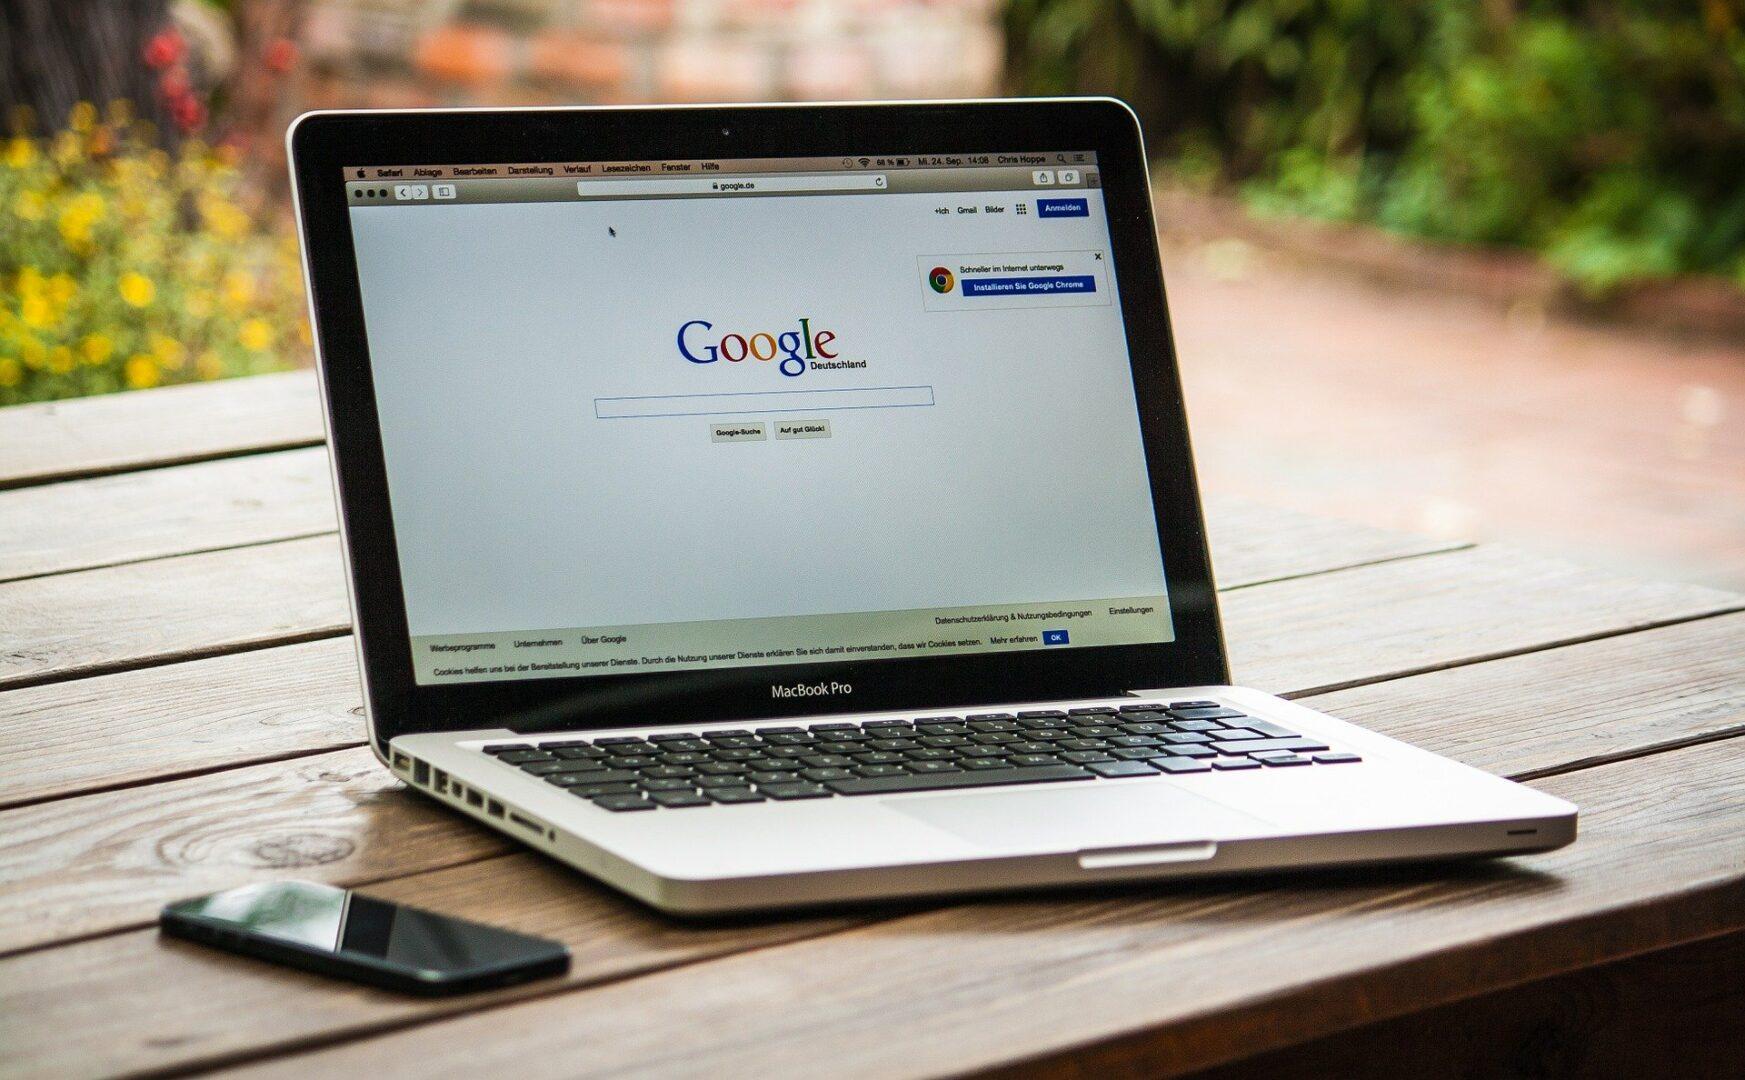 Google Online Check - Suche auf Mac